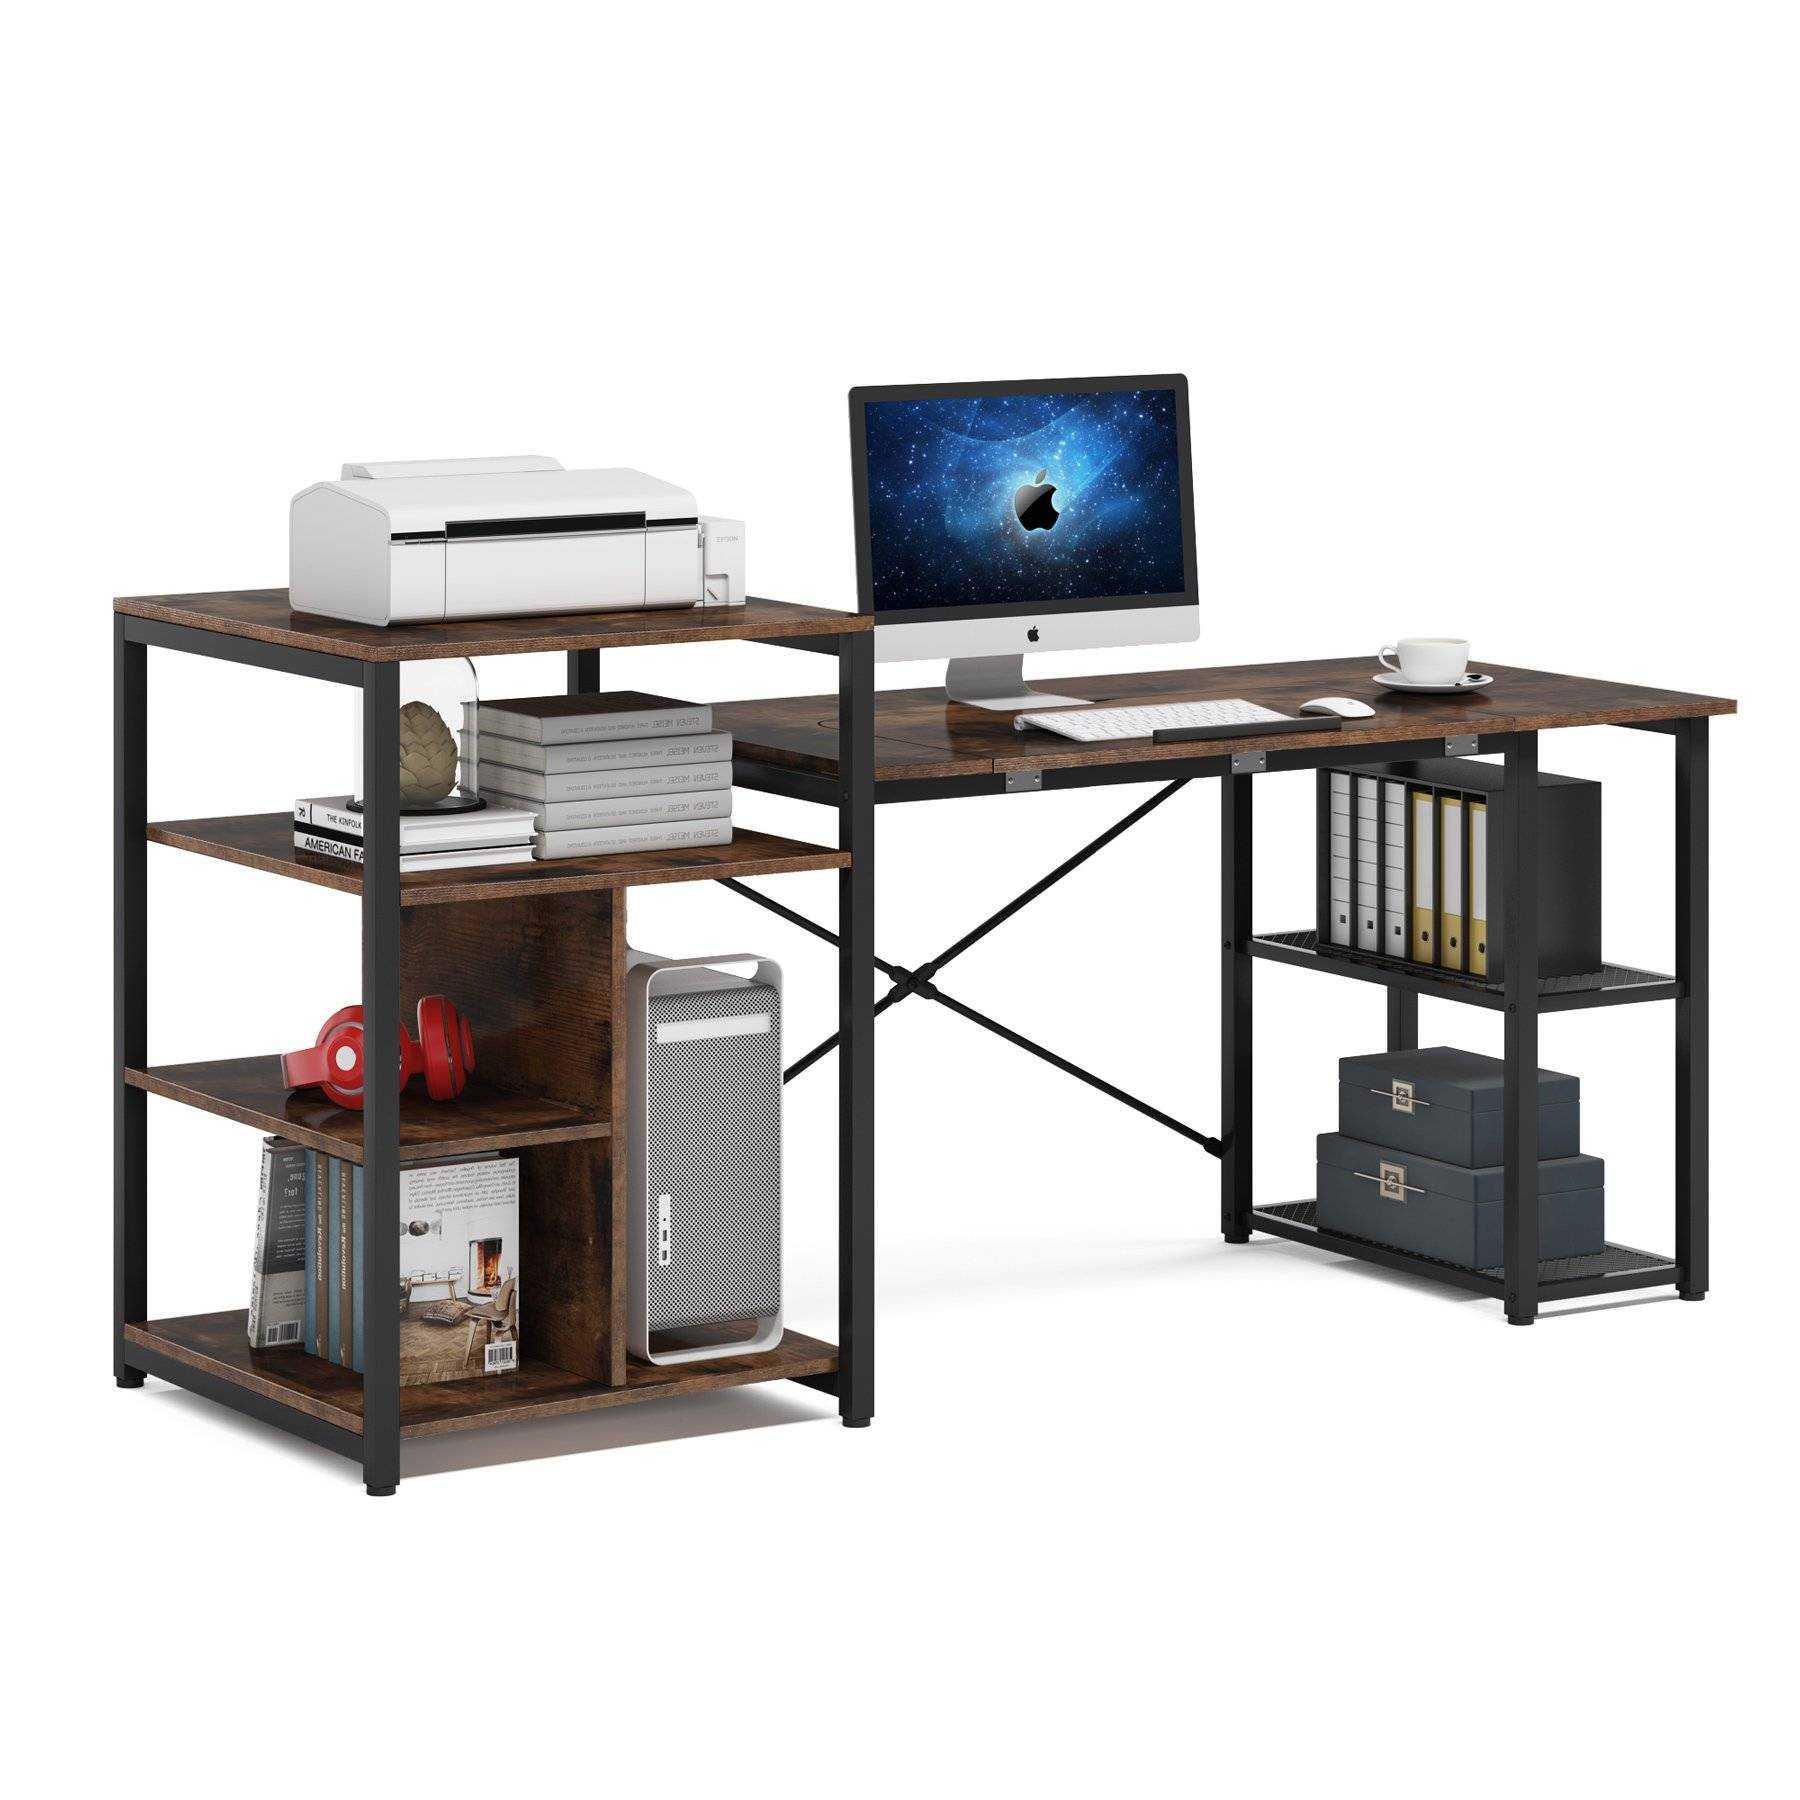 Zizuva Tasarım Ceviz Raflı Çizim Masası